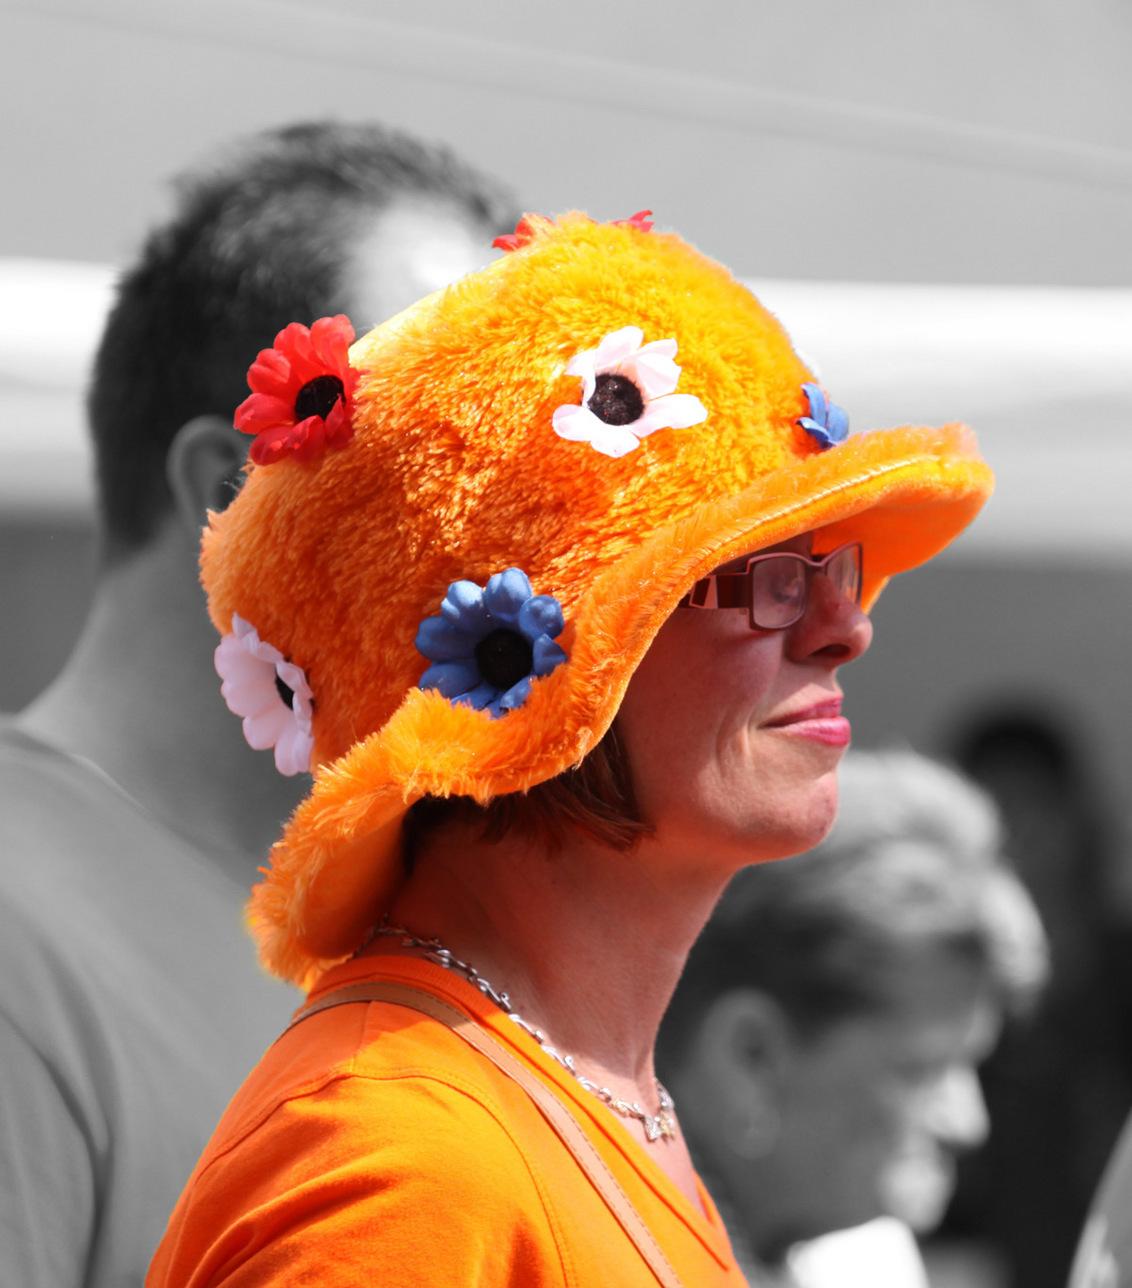 Oranje - koninginnedag Utrecht - foto door zy-co op 28-04-2011 - deze foto bevat: vrouw, mensen, kleur, oranje, koninginnedag, utrecht, verkleed, zwart wit, eos50d